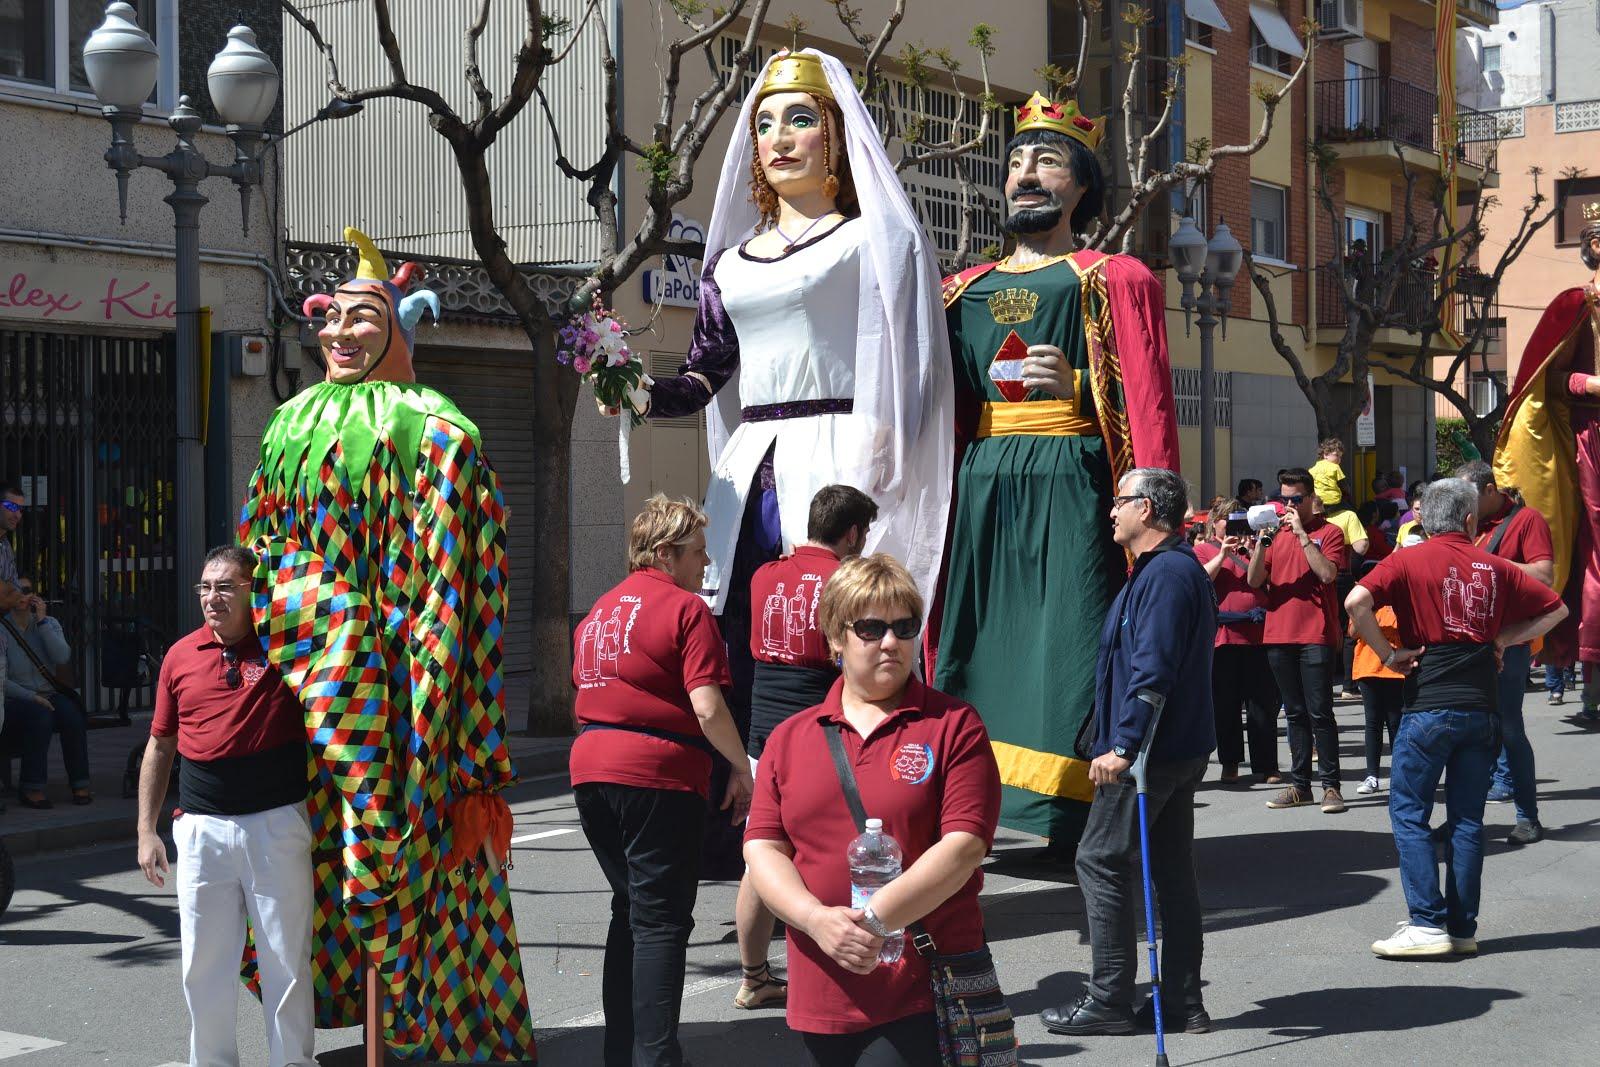 XVIII Trobada gegantera de les Comarques Meridionals de Catalunya a la Pobla de Mafumet